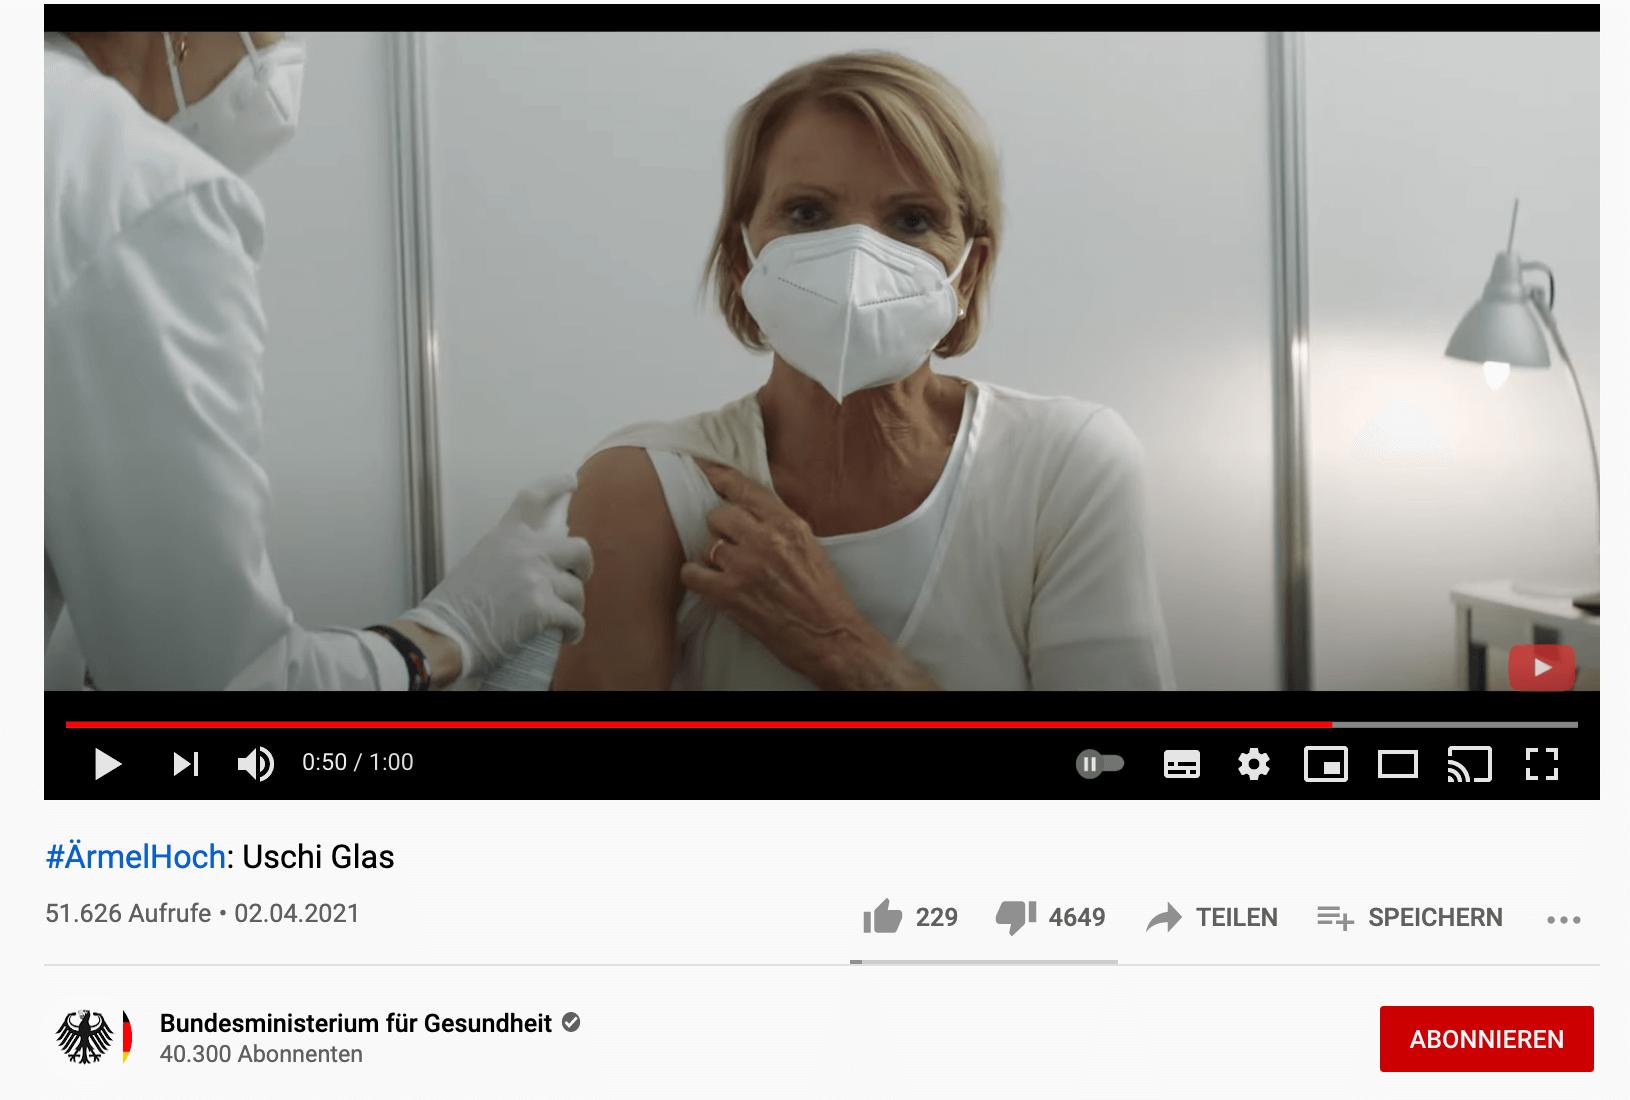 Ein Ausschnitt aus dem Video der Impfkampagne mit Uschi Glas zeigt, wie die Schauspielerin am rechten Arm desinfiziert wird (Quelle: Youtube / Bundesgesundheitsministerium / Screenshot: CORRECTIV.Faktencheck)